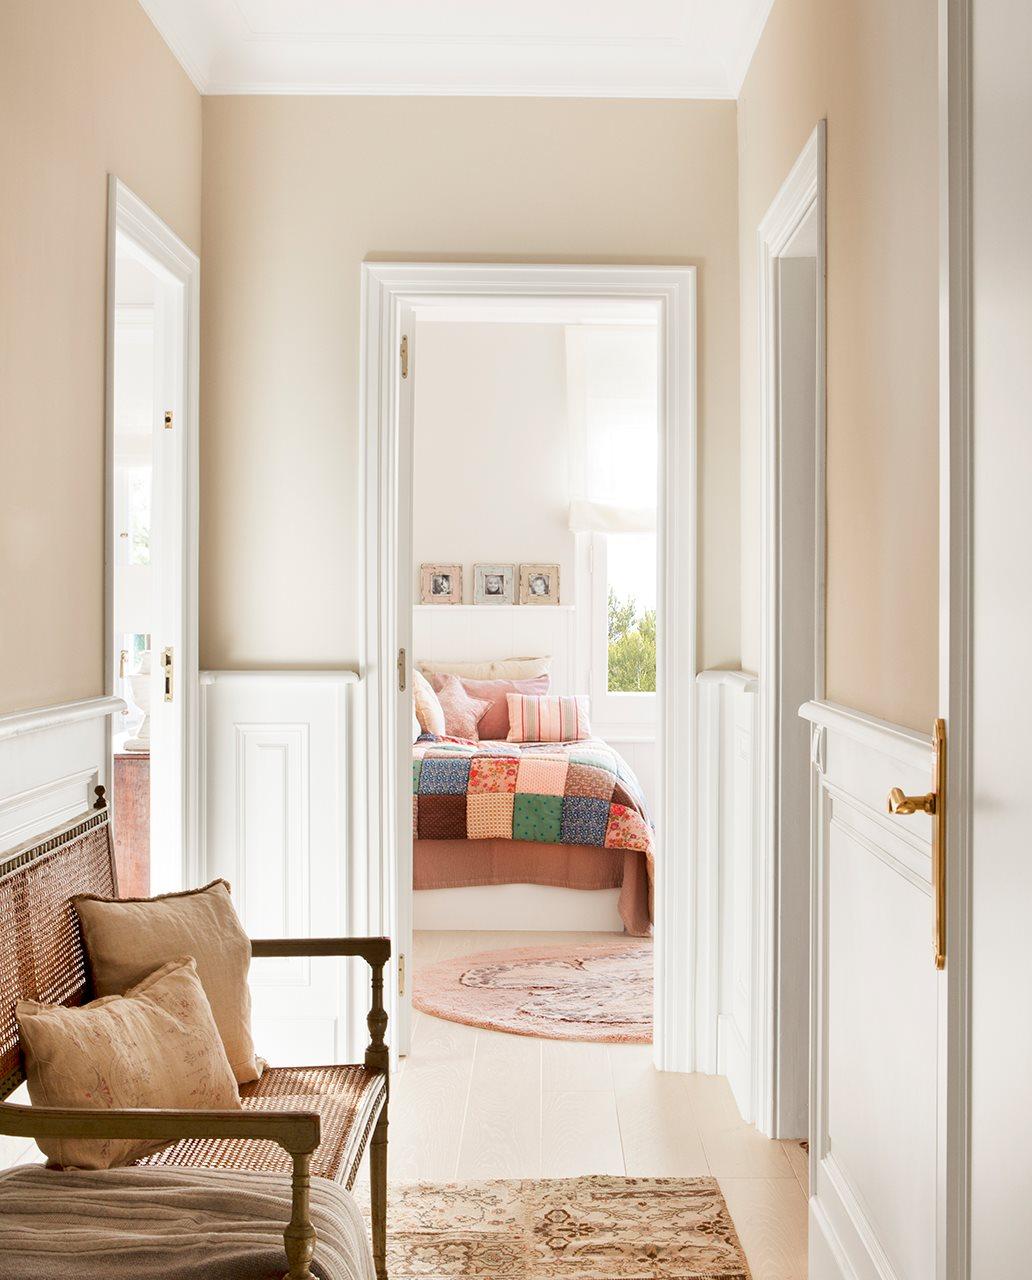 5 casas reformadas para ganar metros y luz - Color marfil en paredes ...